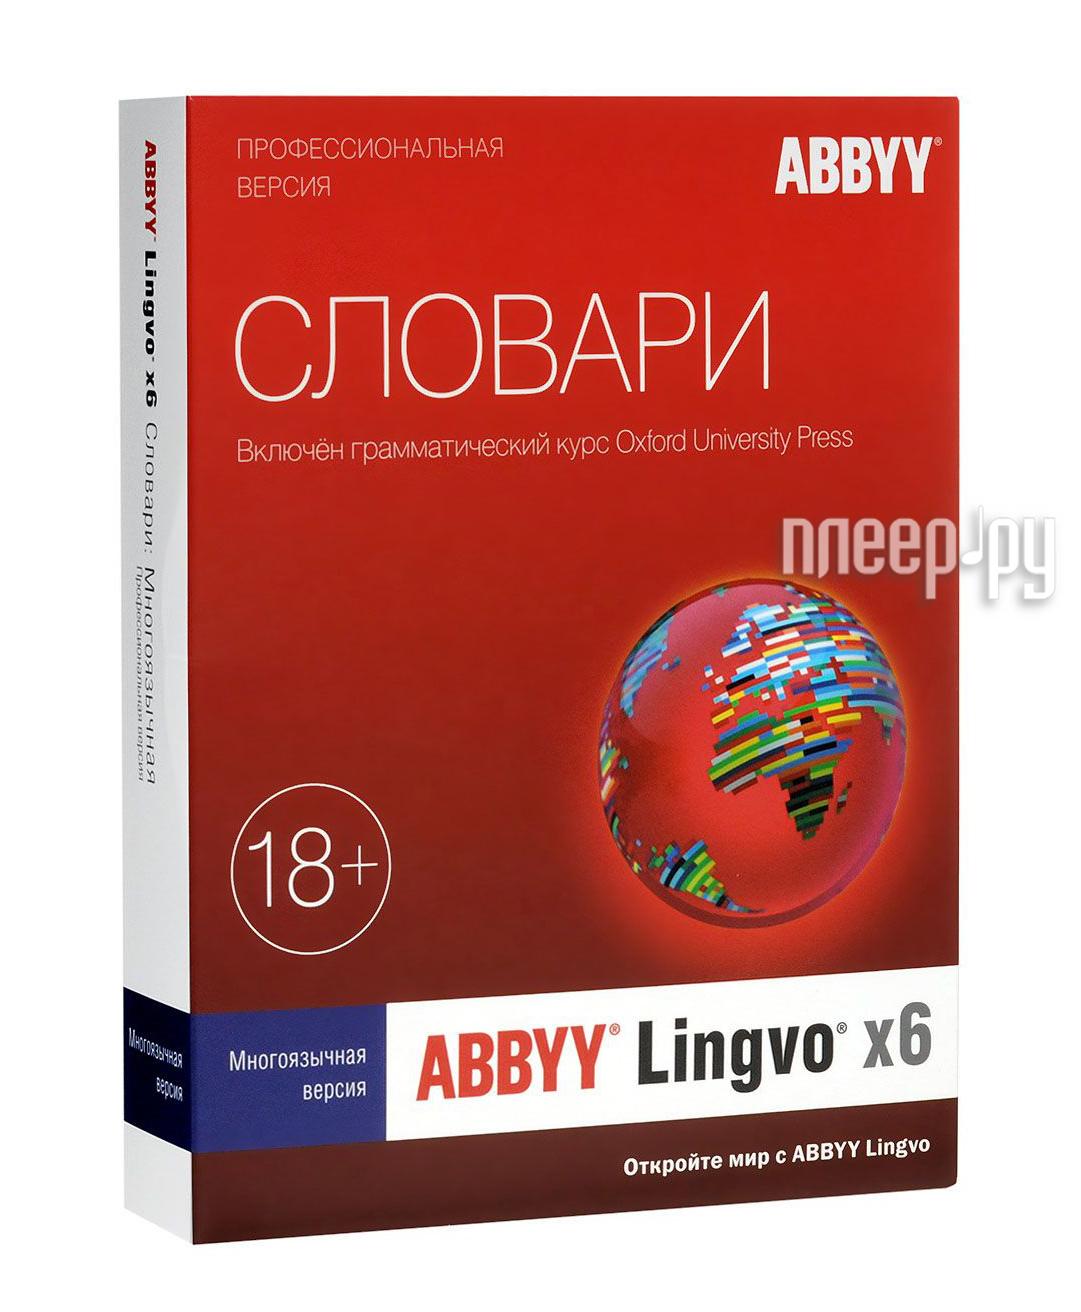 Программное обеспечение ABBYY Lingvo x6 Многоязычная Профессиональная версия Fulll BOX AL16-06SBU001-0100